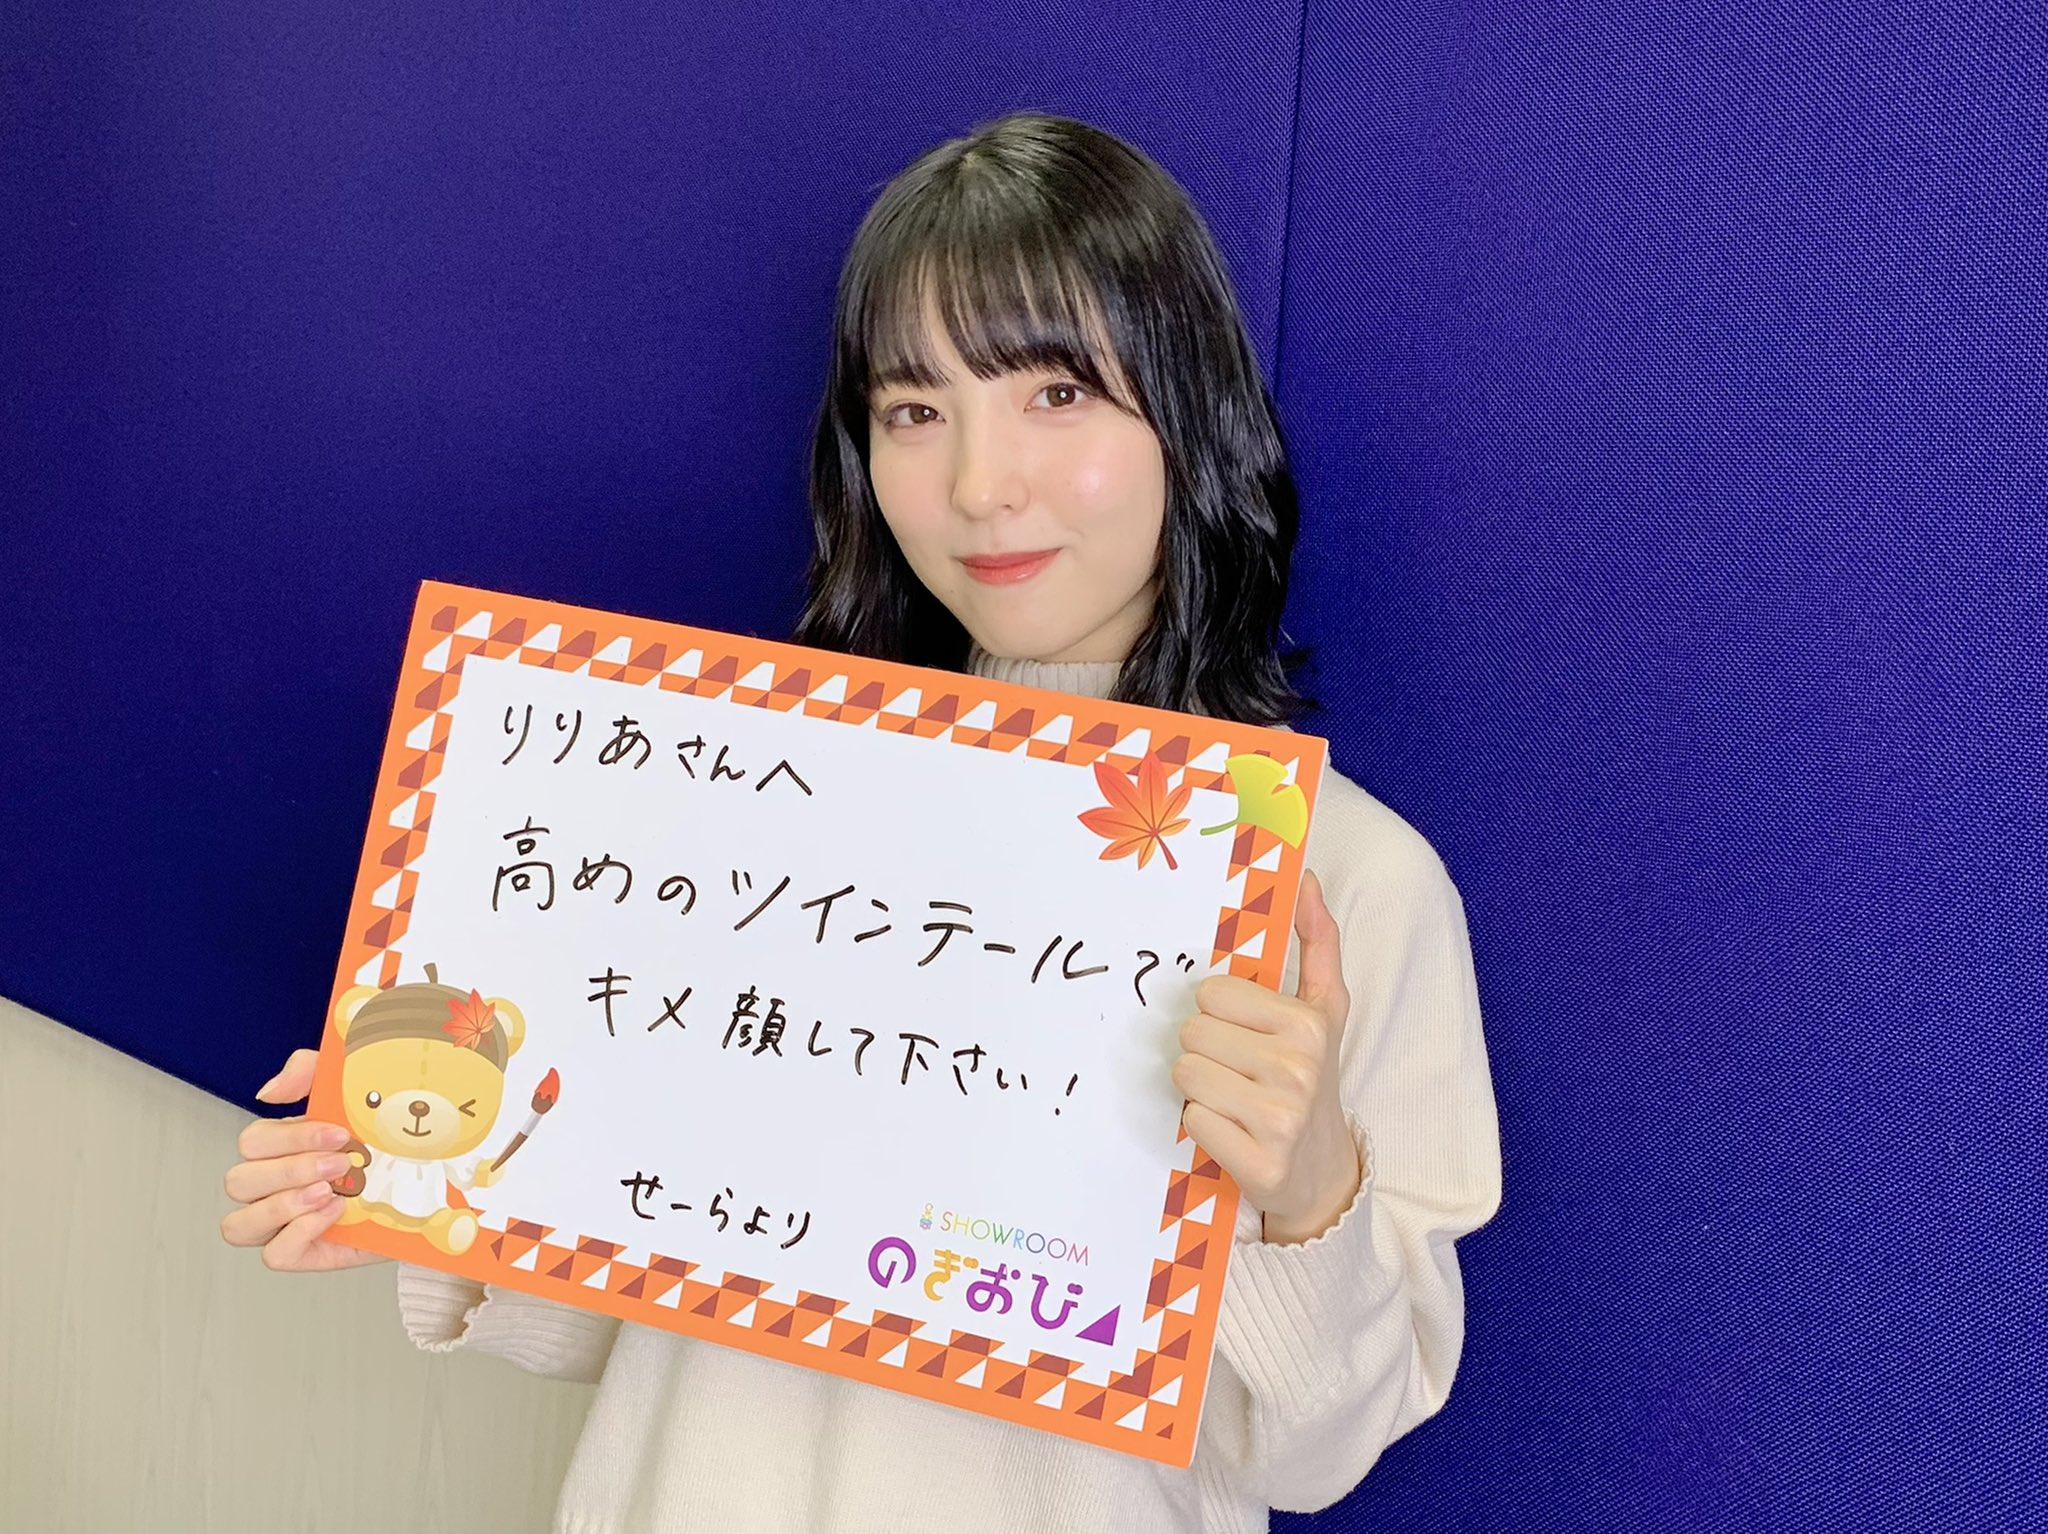 のぎおび 早川聖来から伊藤理々杏 への宿題は「高めのツインテールでキメ顔して下さい!」